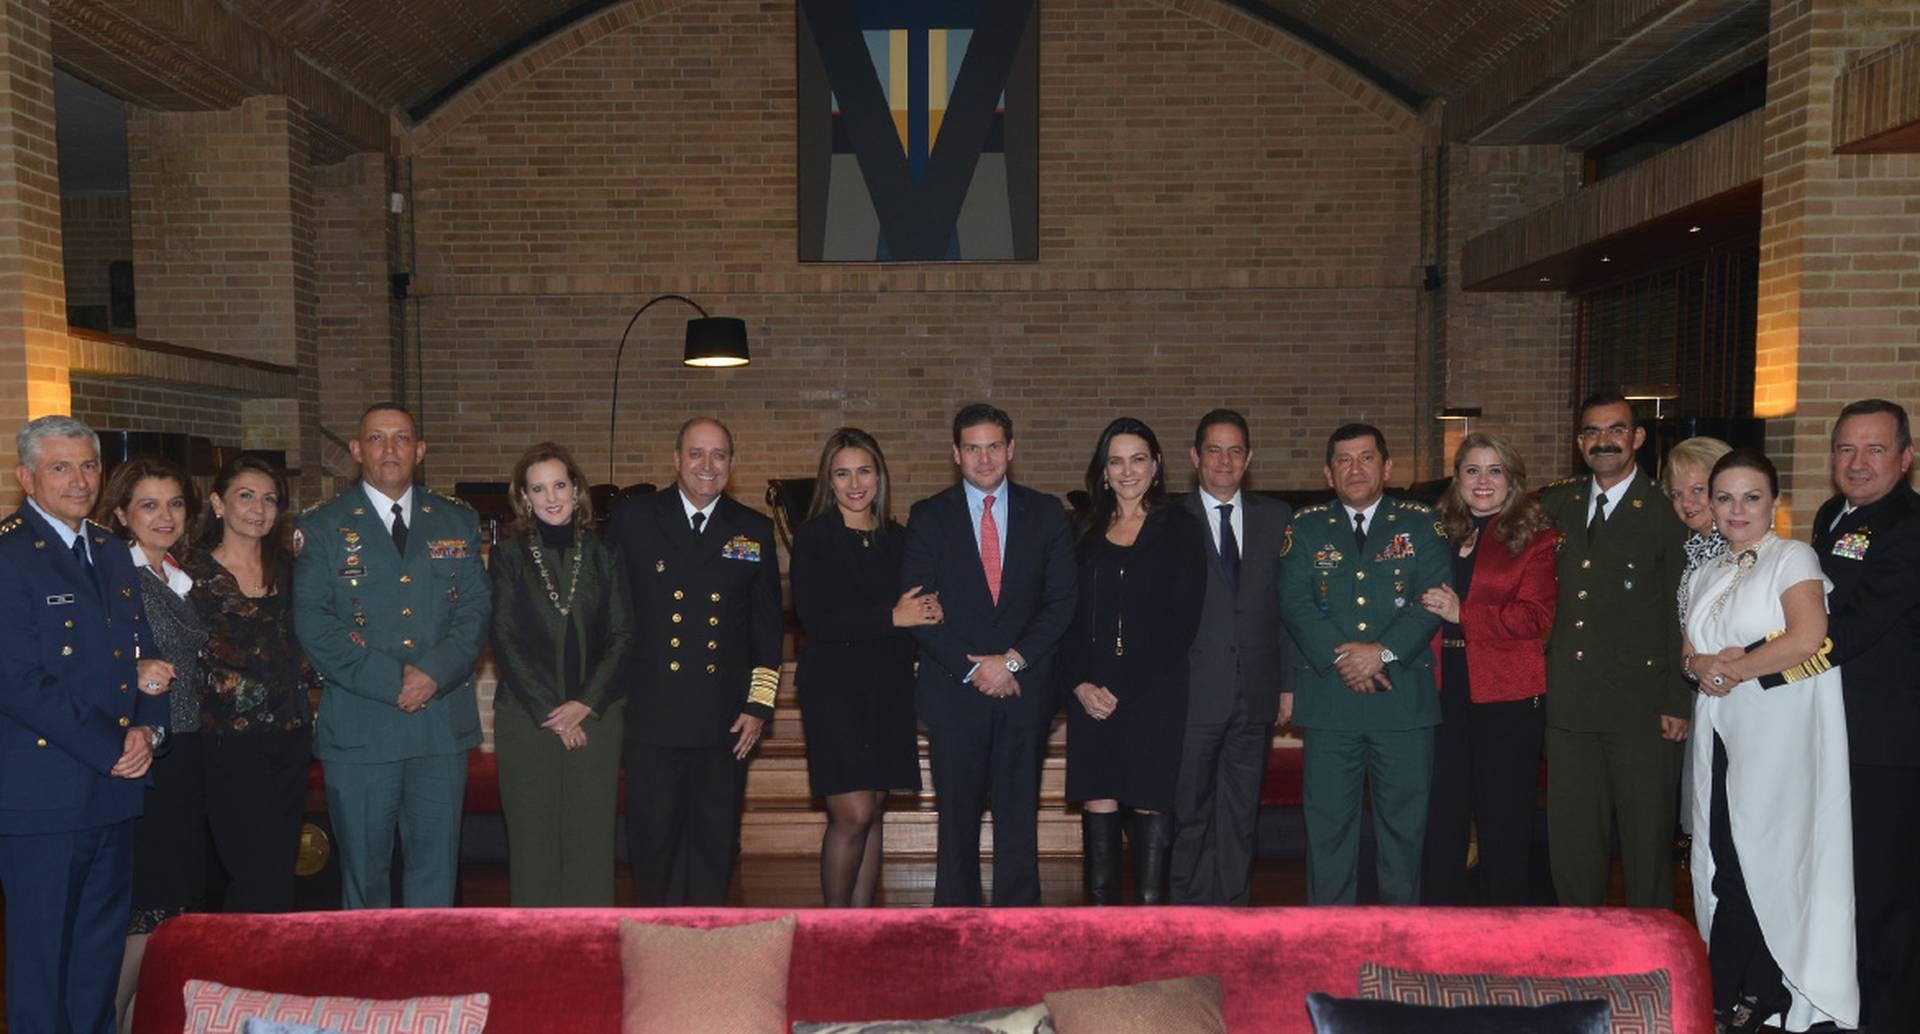 María del Pilar Lozano, Juan Carlos Pinzón, Luz María Zapata y Germán Vargas Lleras (en el centro) rodeados por miembros de la cúpula de las Fuerzas Armadas y sus esposas.